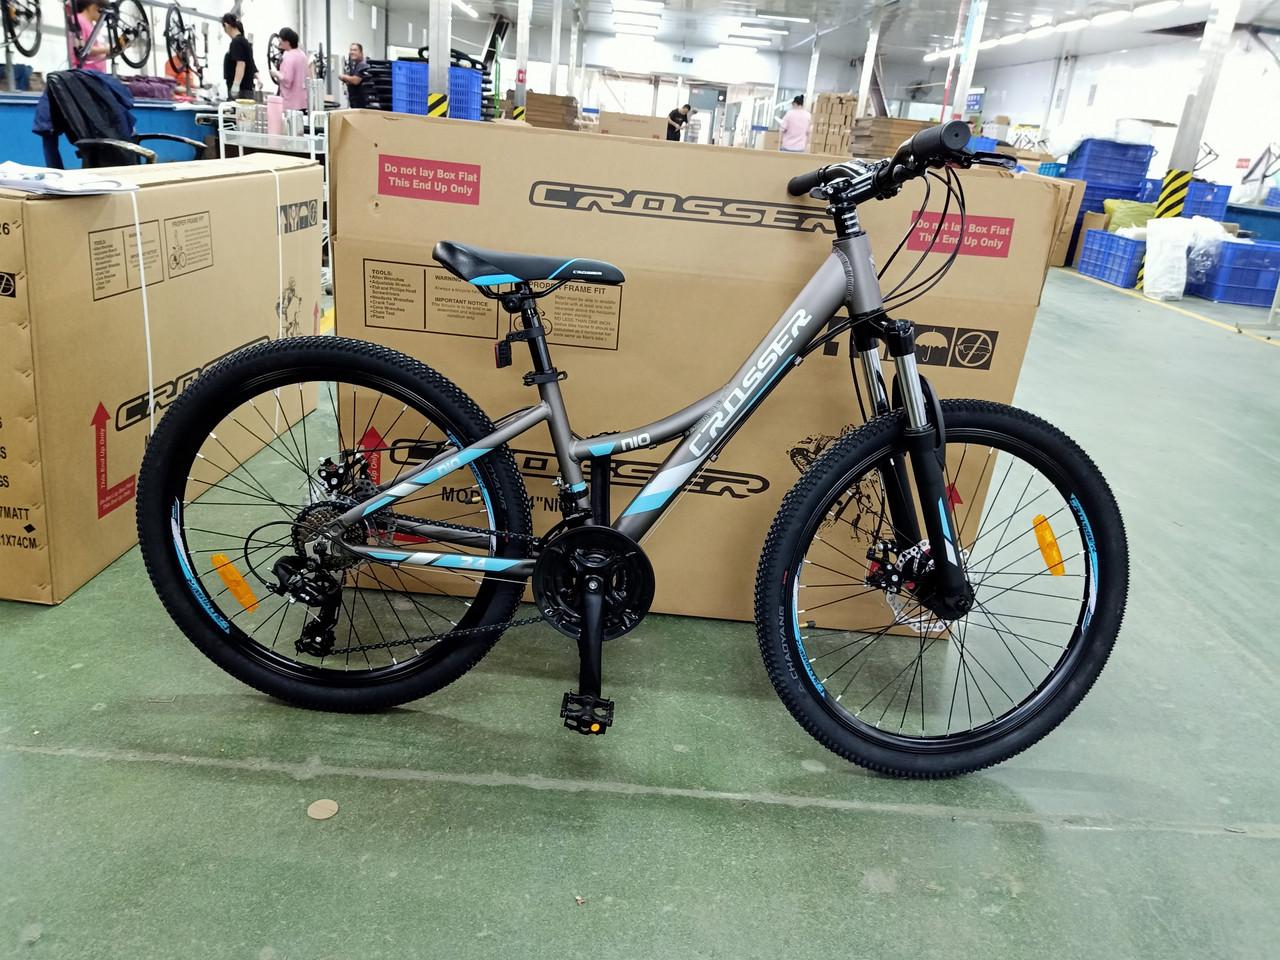 Велосипед CROSSER 24  Nio Stels 12,5  2020 года Серый\Синий цвет